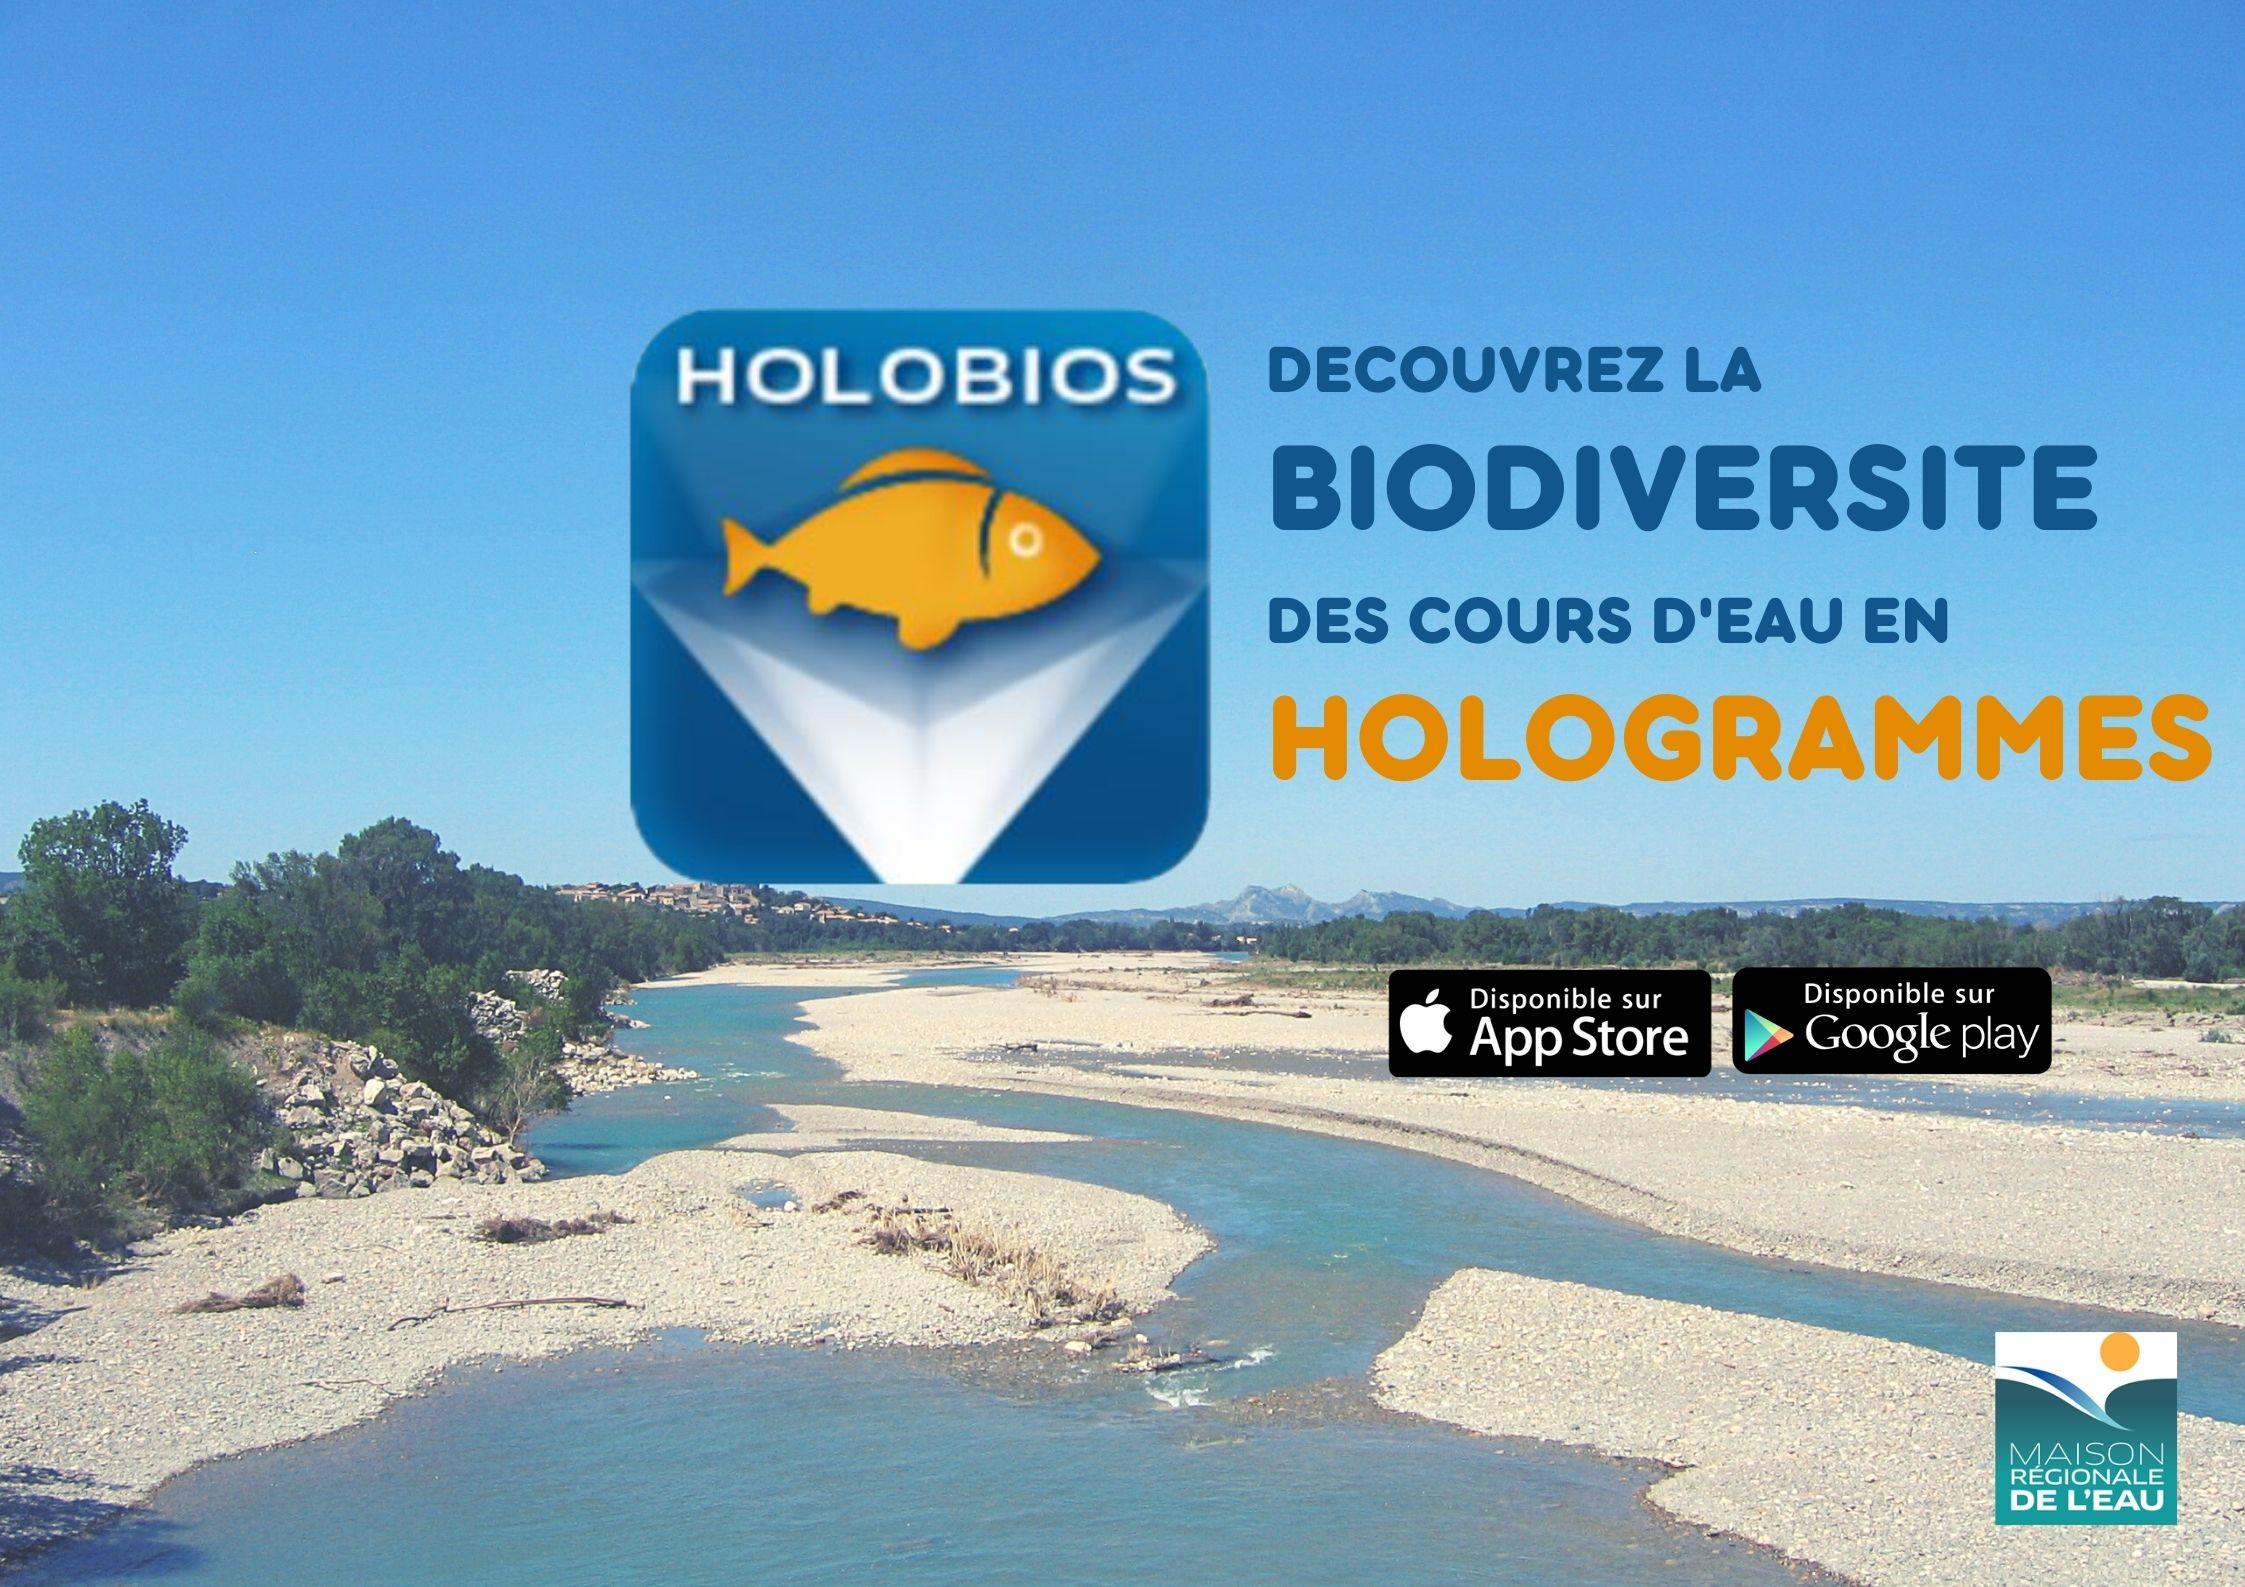 Application gratuite HOLOBIOS : découvrez la biodiversité des cours d'eau en hologrammes!